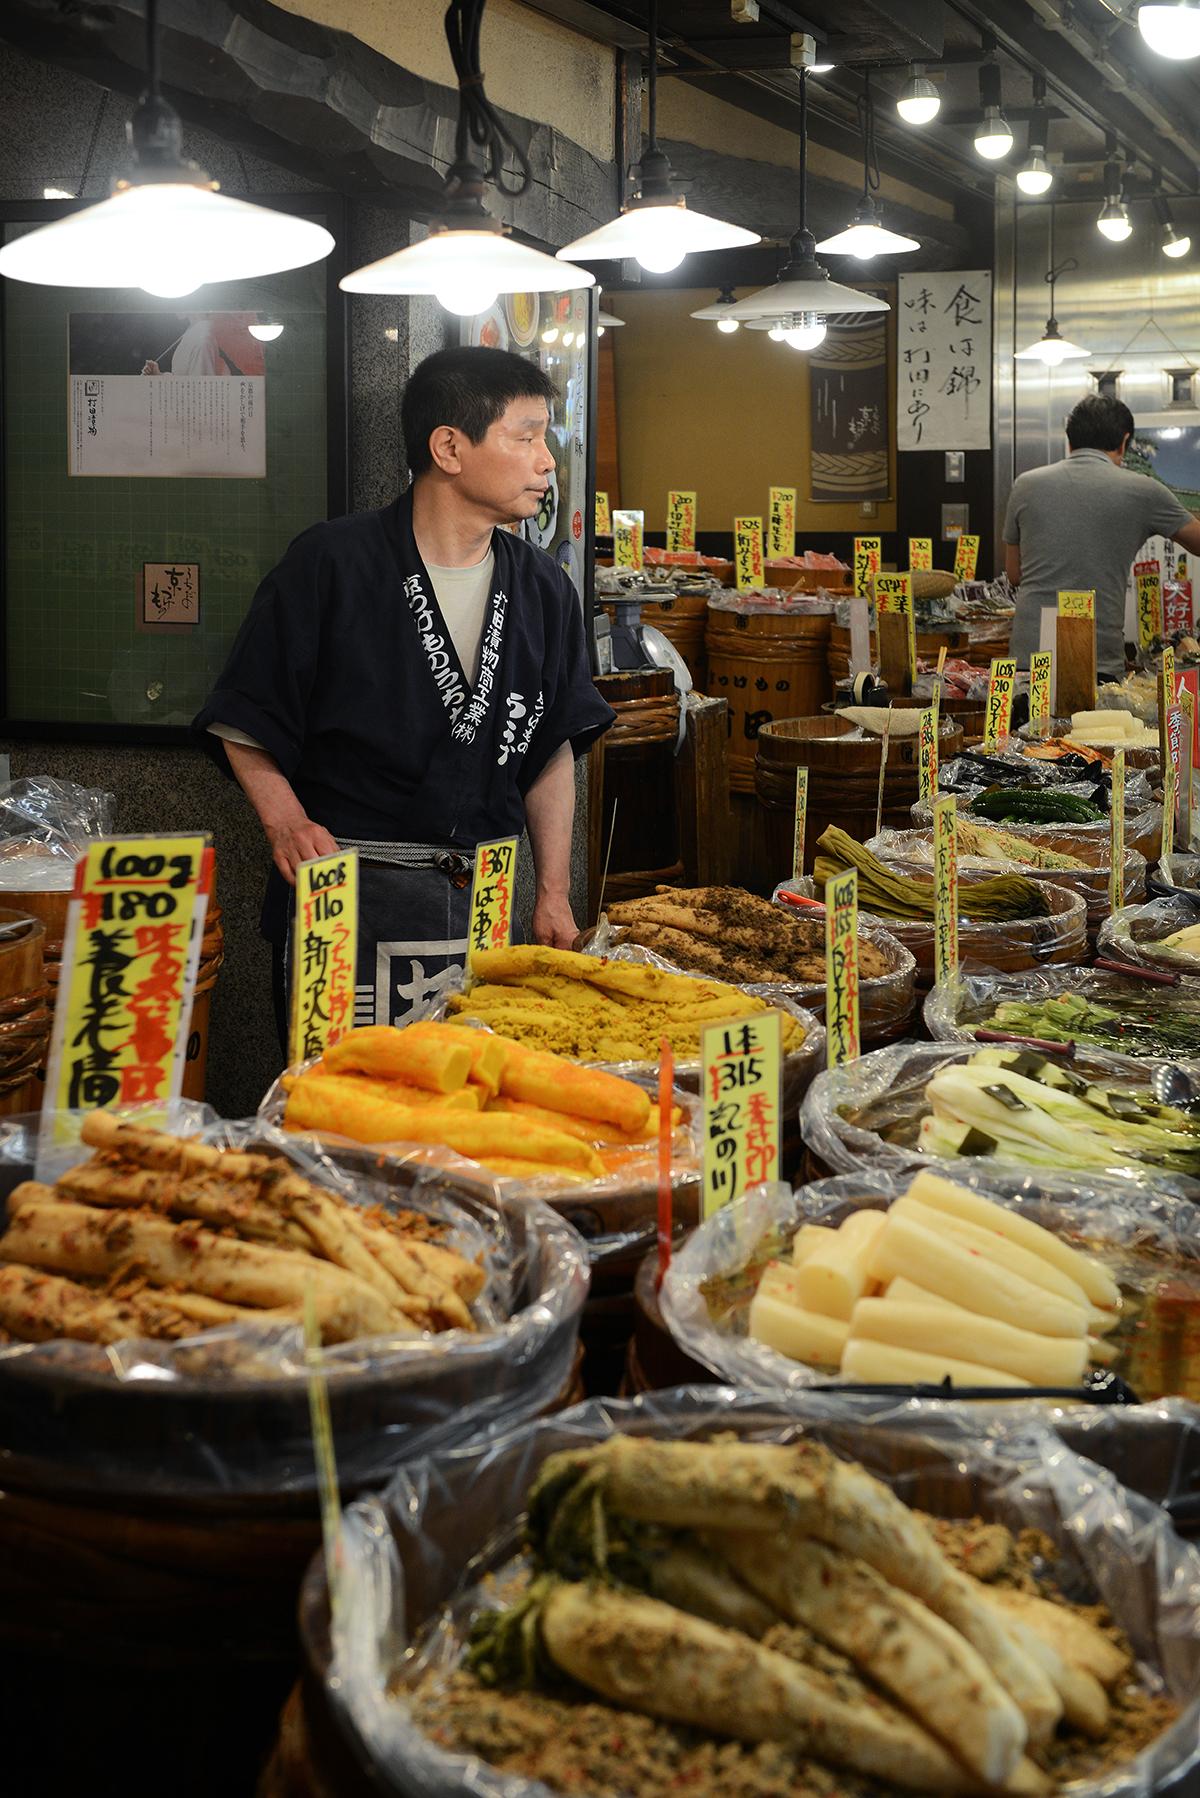 matka, matkablogi, Kioto, Japani, ruokatori, ruoka, japanilainen ruoka